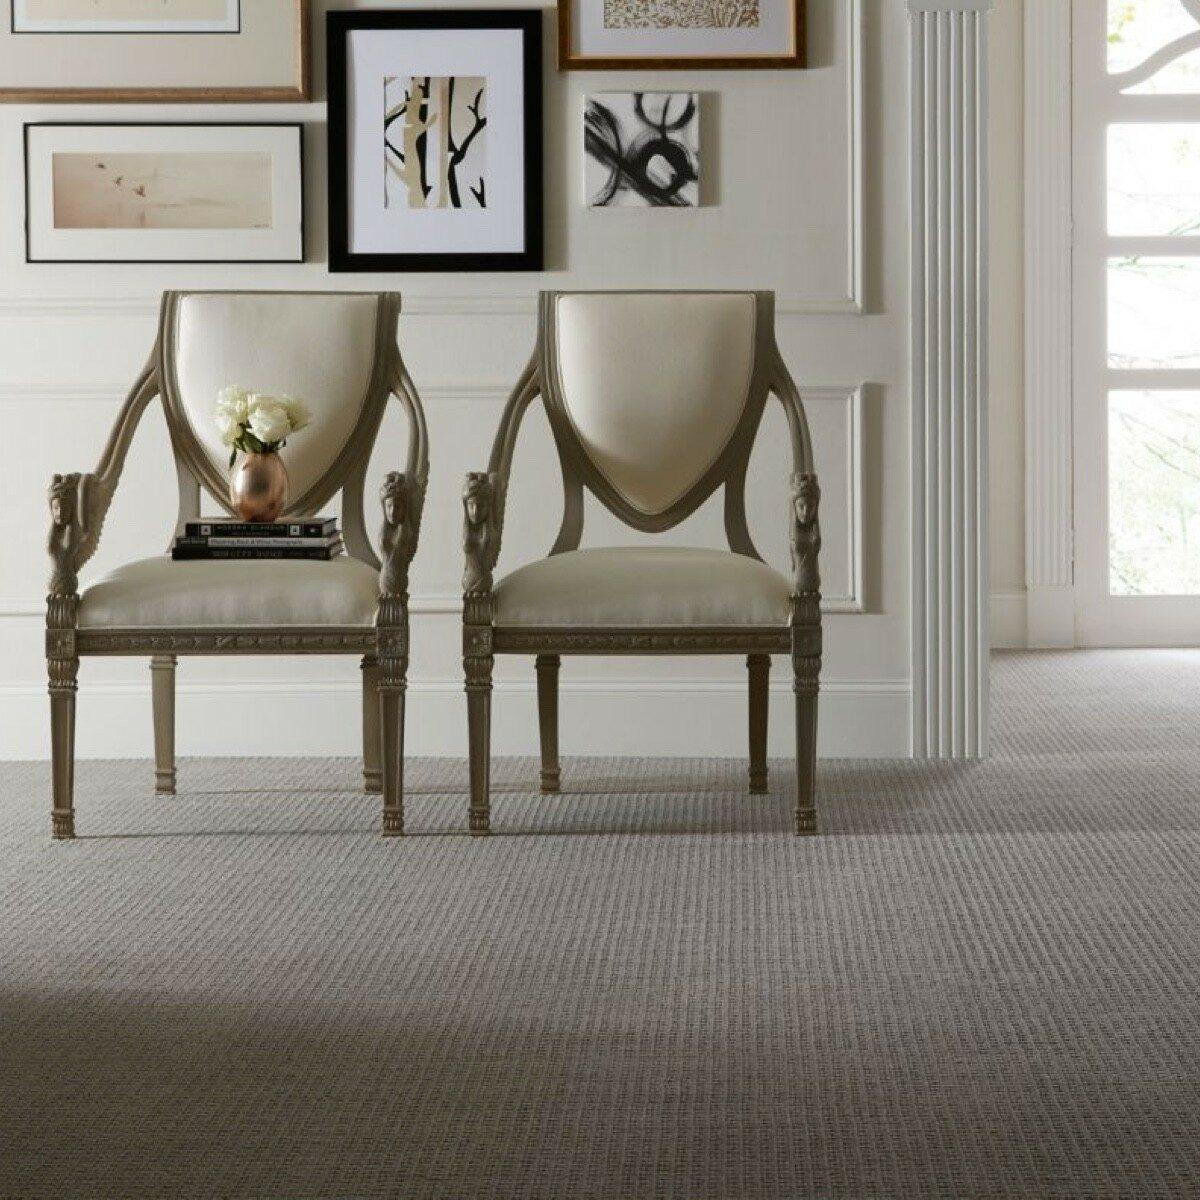 karastan carpet | O'Krent Floors